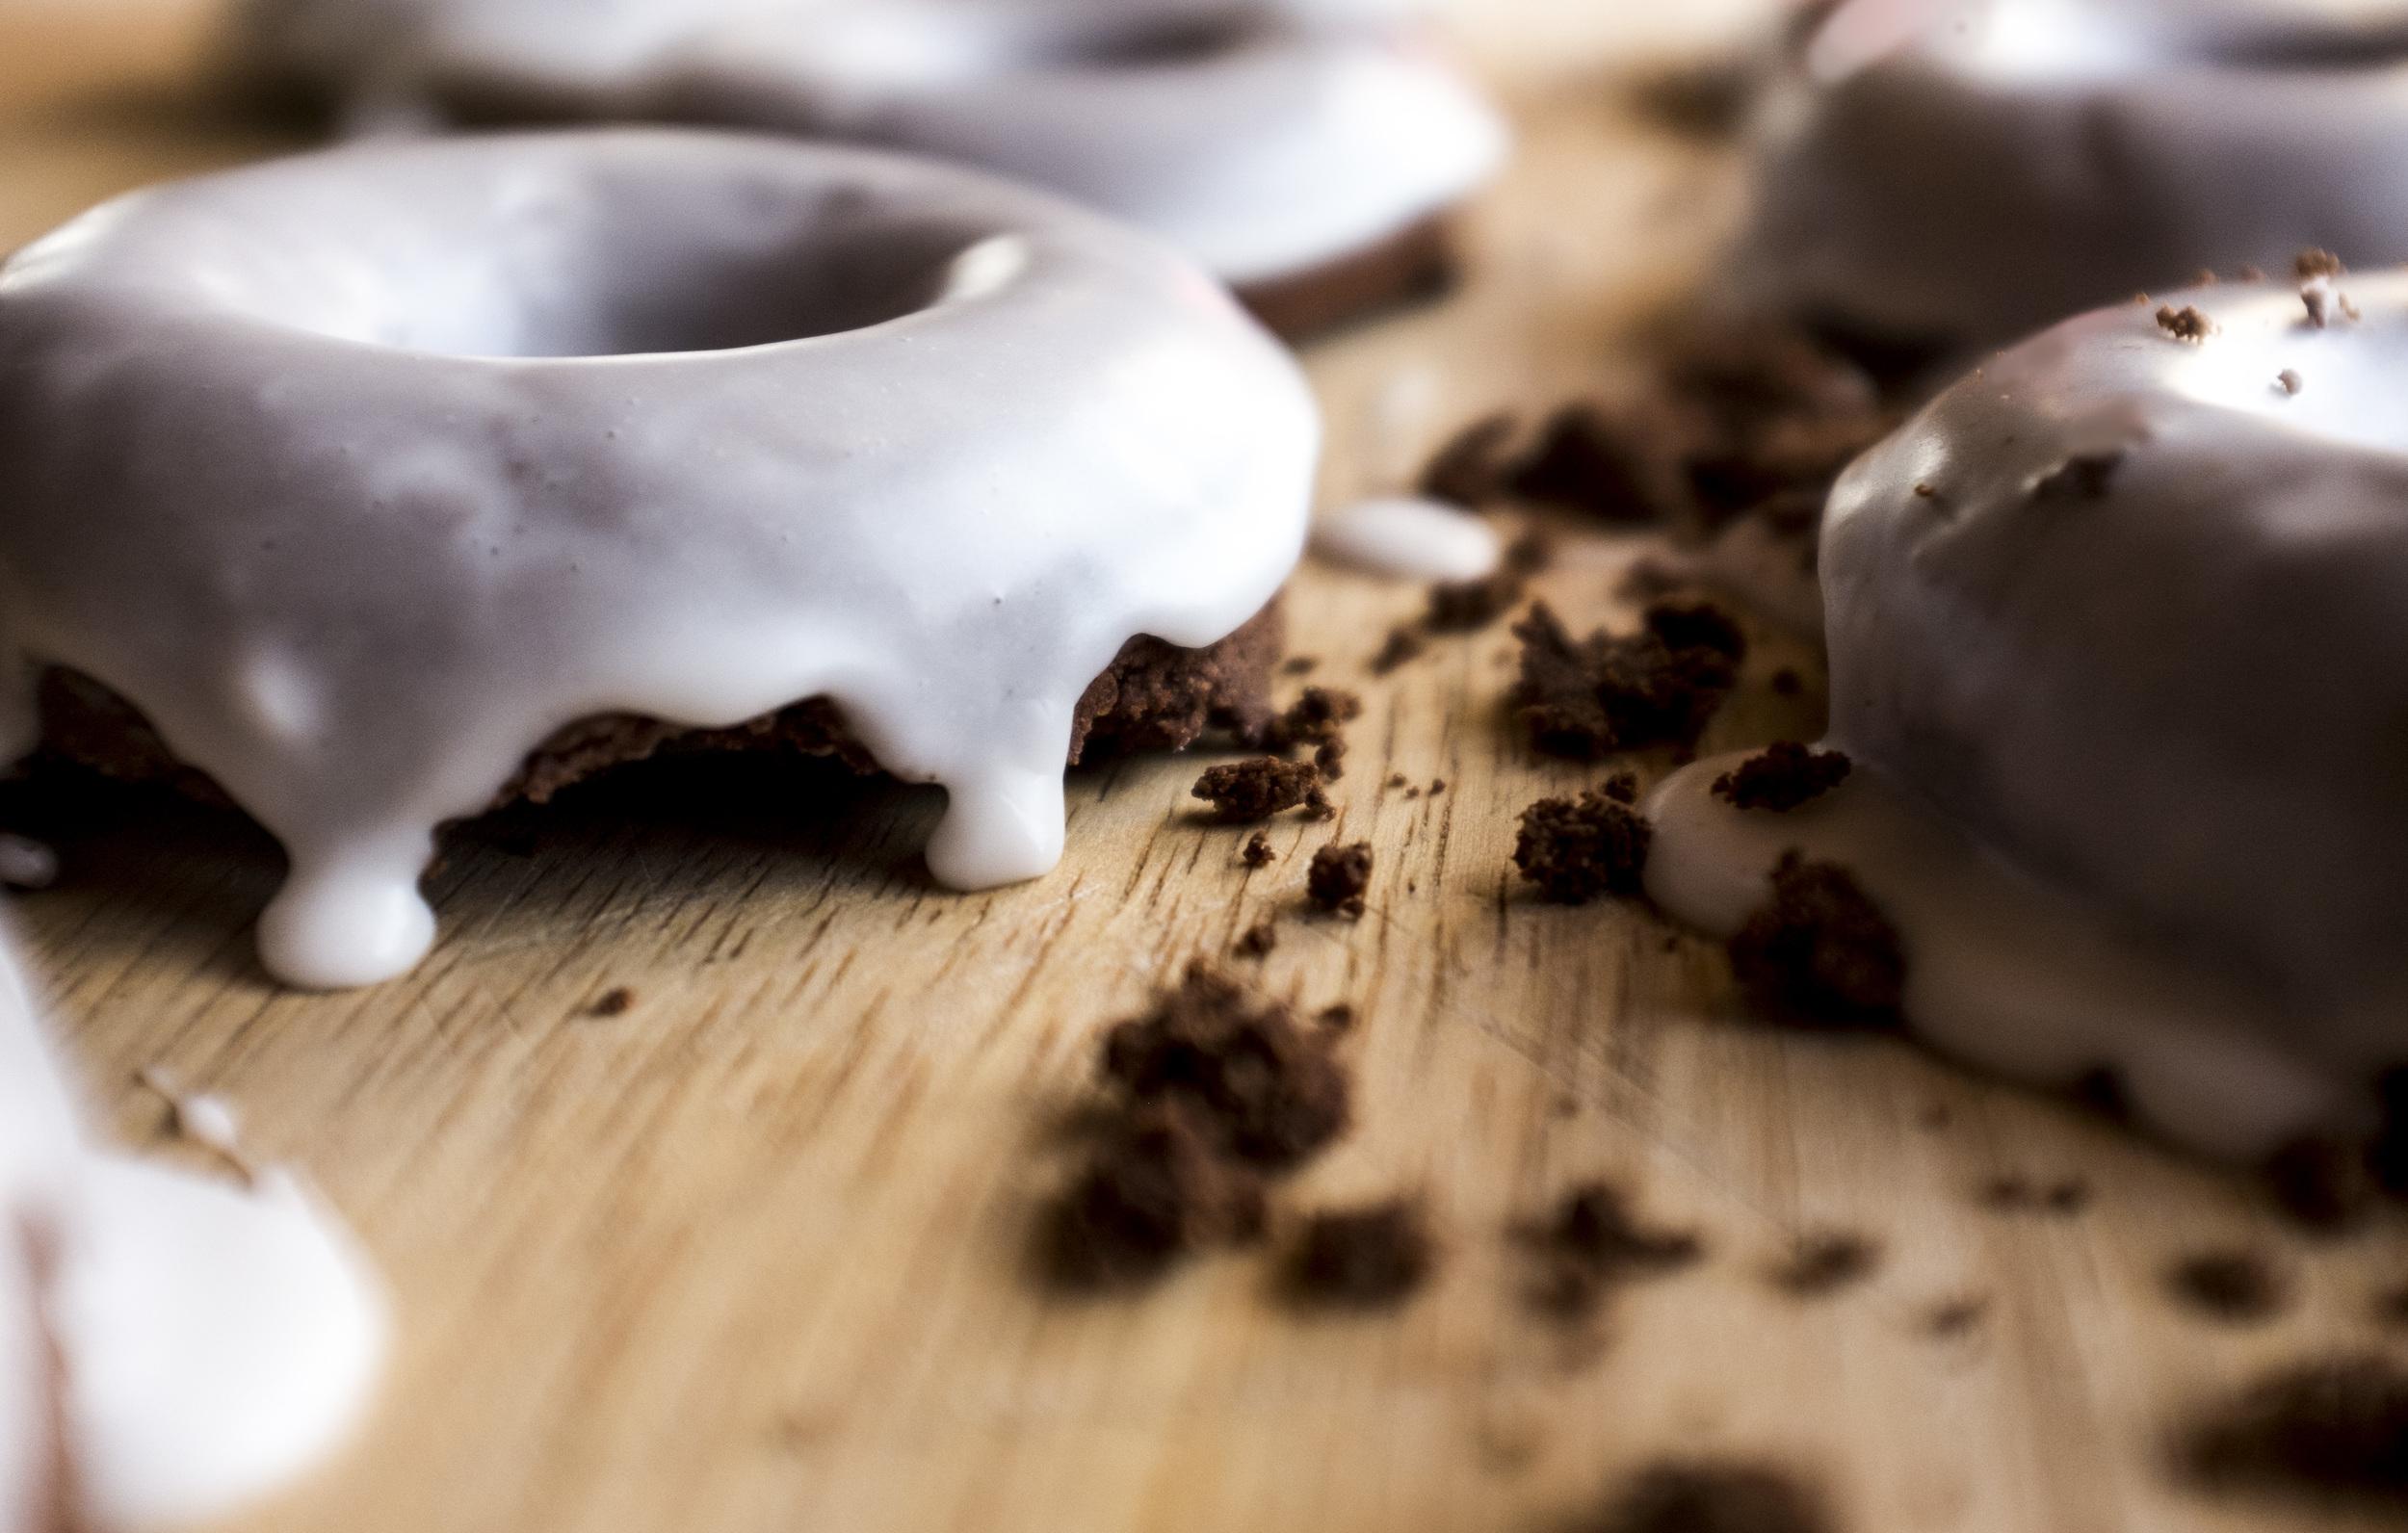 gluten-free & Vegan Chocolate cake doughnuts